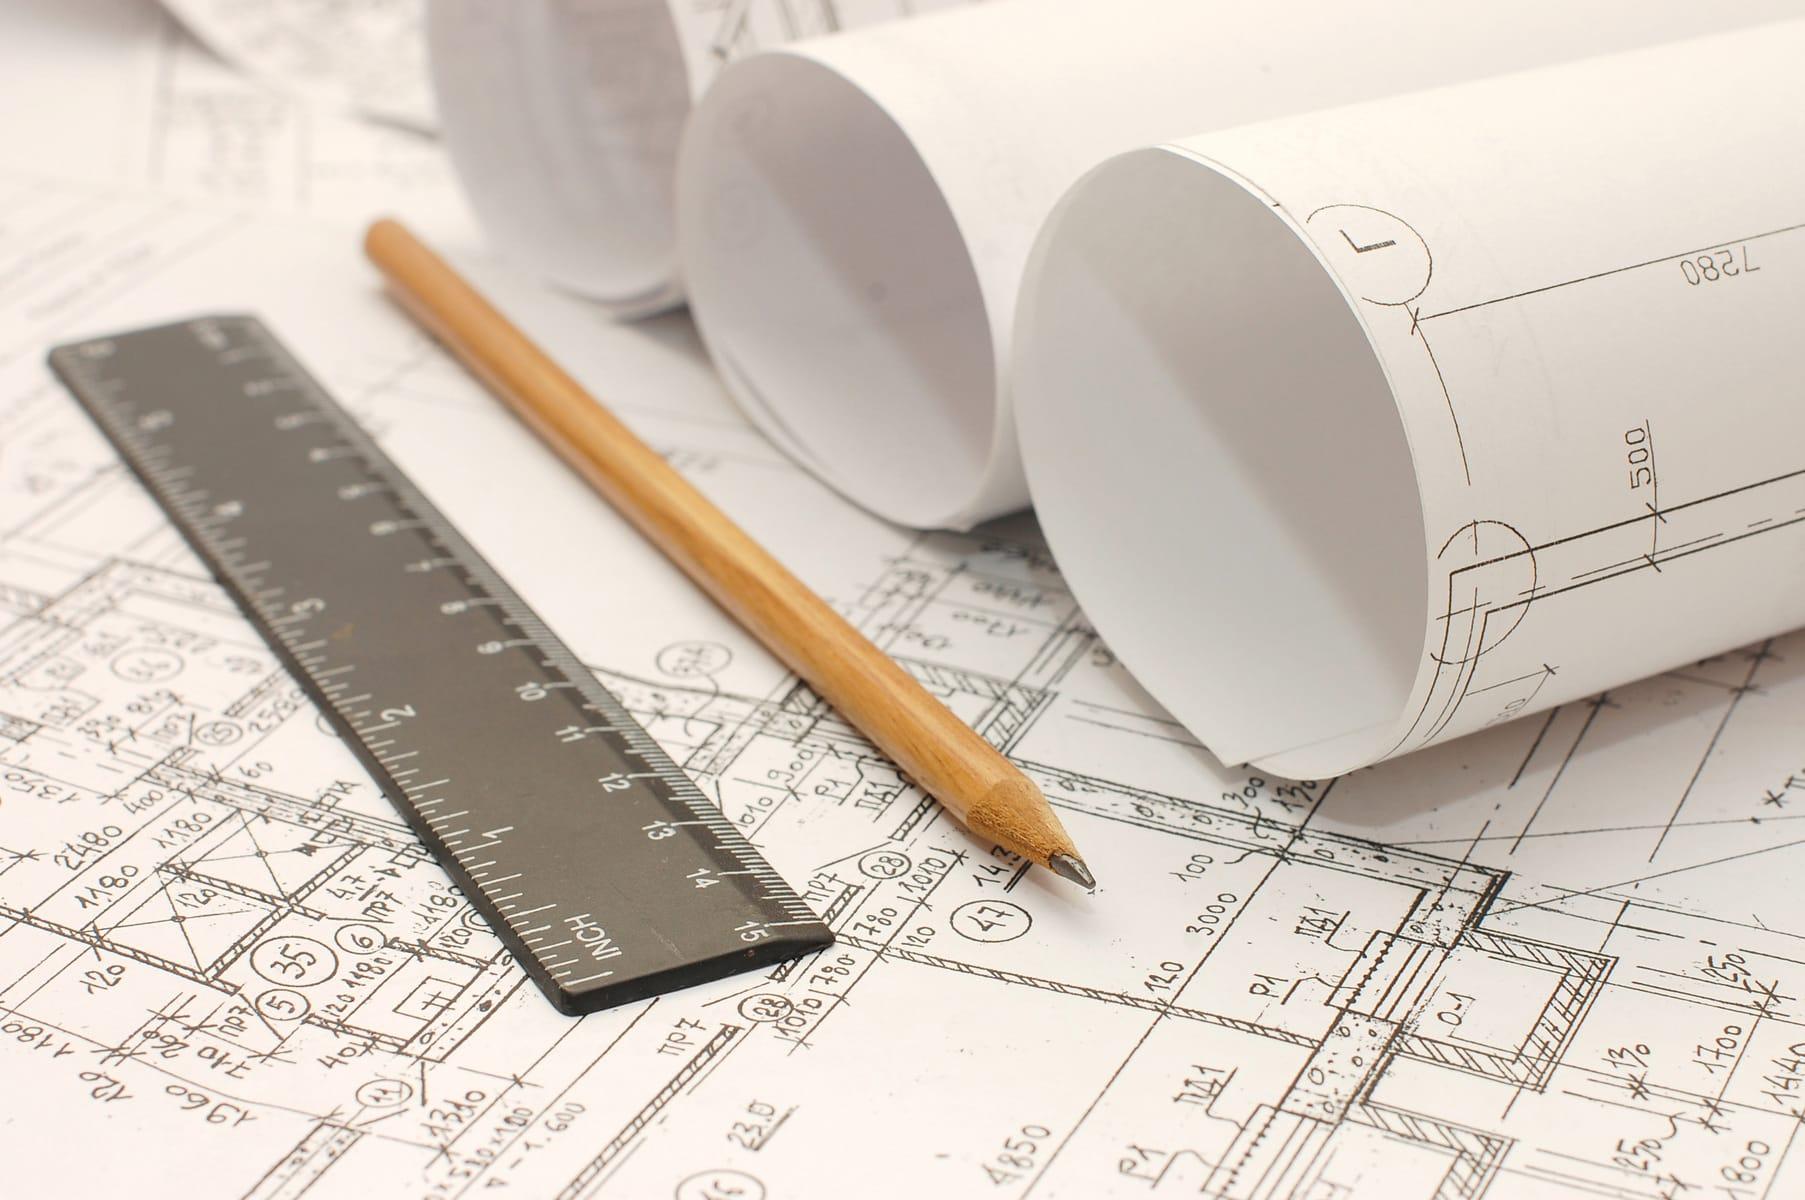 Openbare raadpleging: herziening van de richtlijn energieprestatie van gebouwen